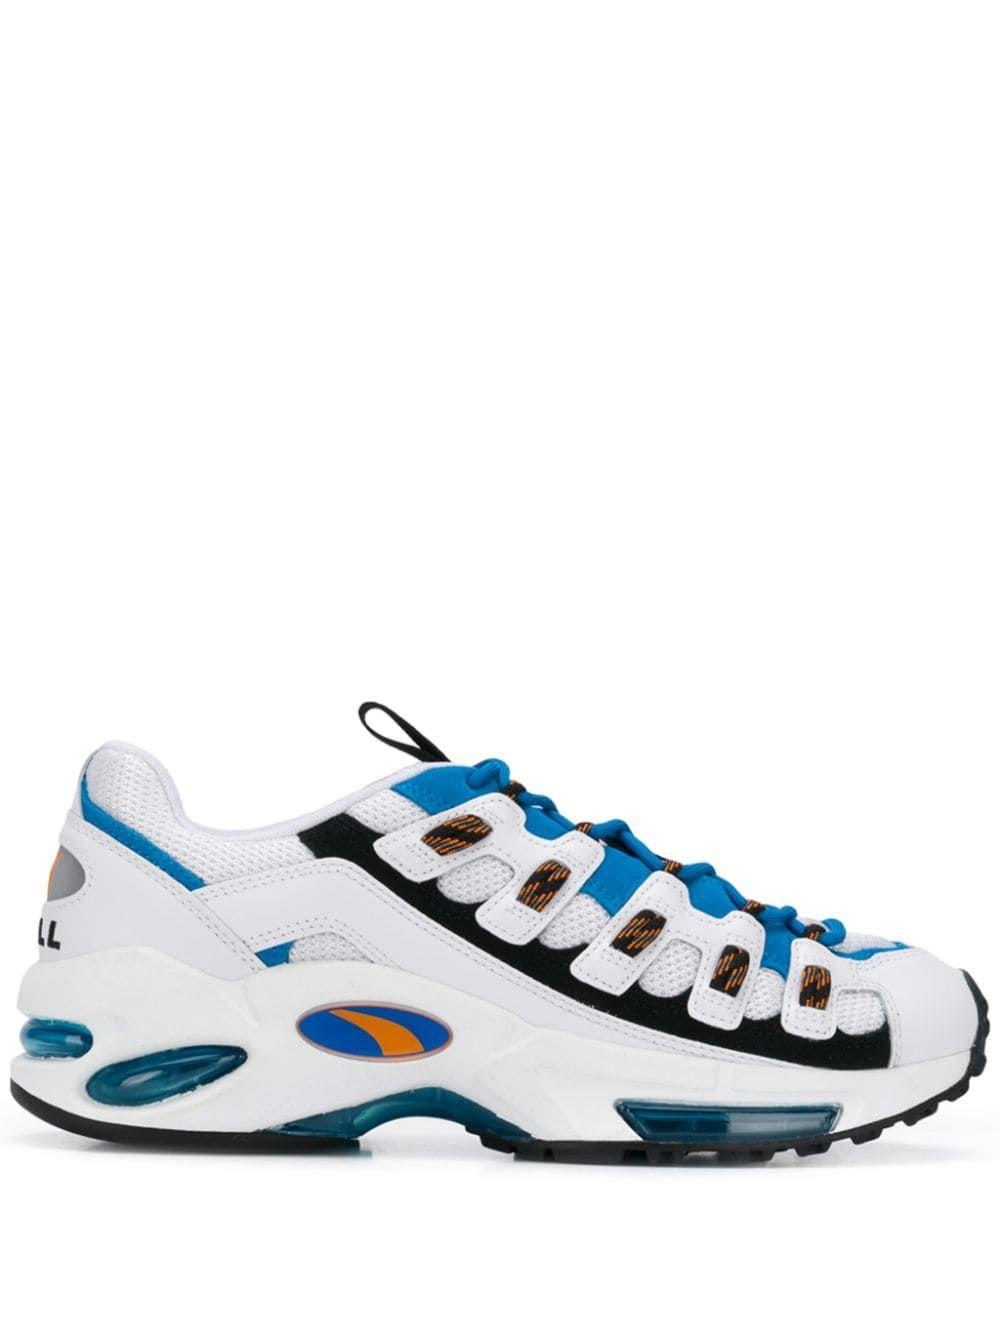 Puma Cell Endura sneakers White | Sneakers, Puma sneakers